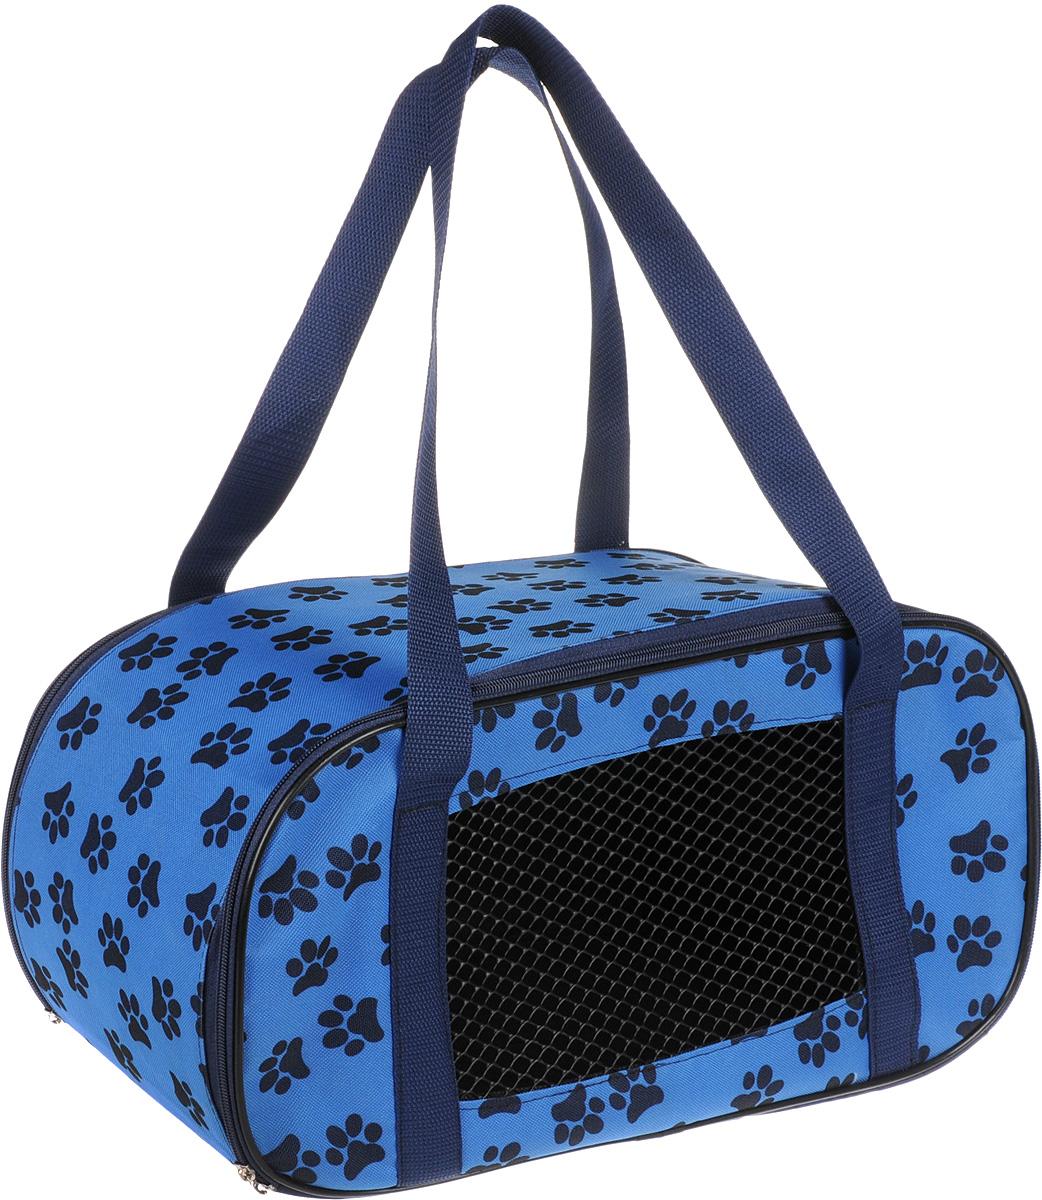 Сумка-переноска для животных Теремок, цвет: синий, 44 х 19 х 20 смСПО-1_синий, следыУдобная и практичная сумка-переноска Теремок предназначена для собак и кошек. Плотная износоустойчиваяткань хорошо стирается. Твердое основание сумки не позволит животному провисать.Сумка подходит для переноски небольших животных.Особенности:Сеточка для вентиляции.Умеренно длинные ручки для комфортного размещения на плече. Небольшой открытый карман на боковой стороне.Сумка-переноска застегивается на молнию.Размер сумки: 44 х 19 х 20 см.